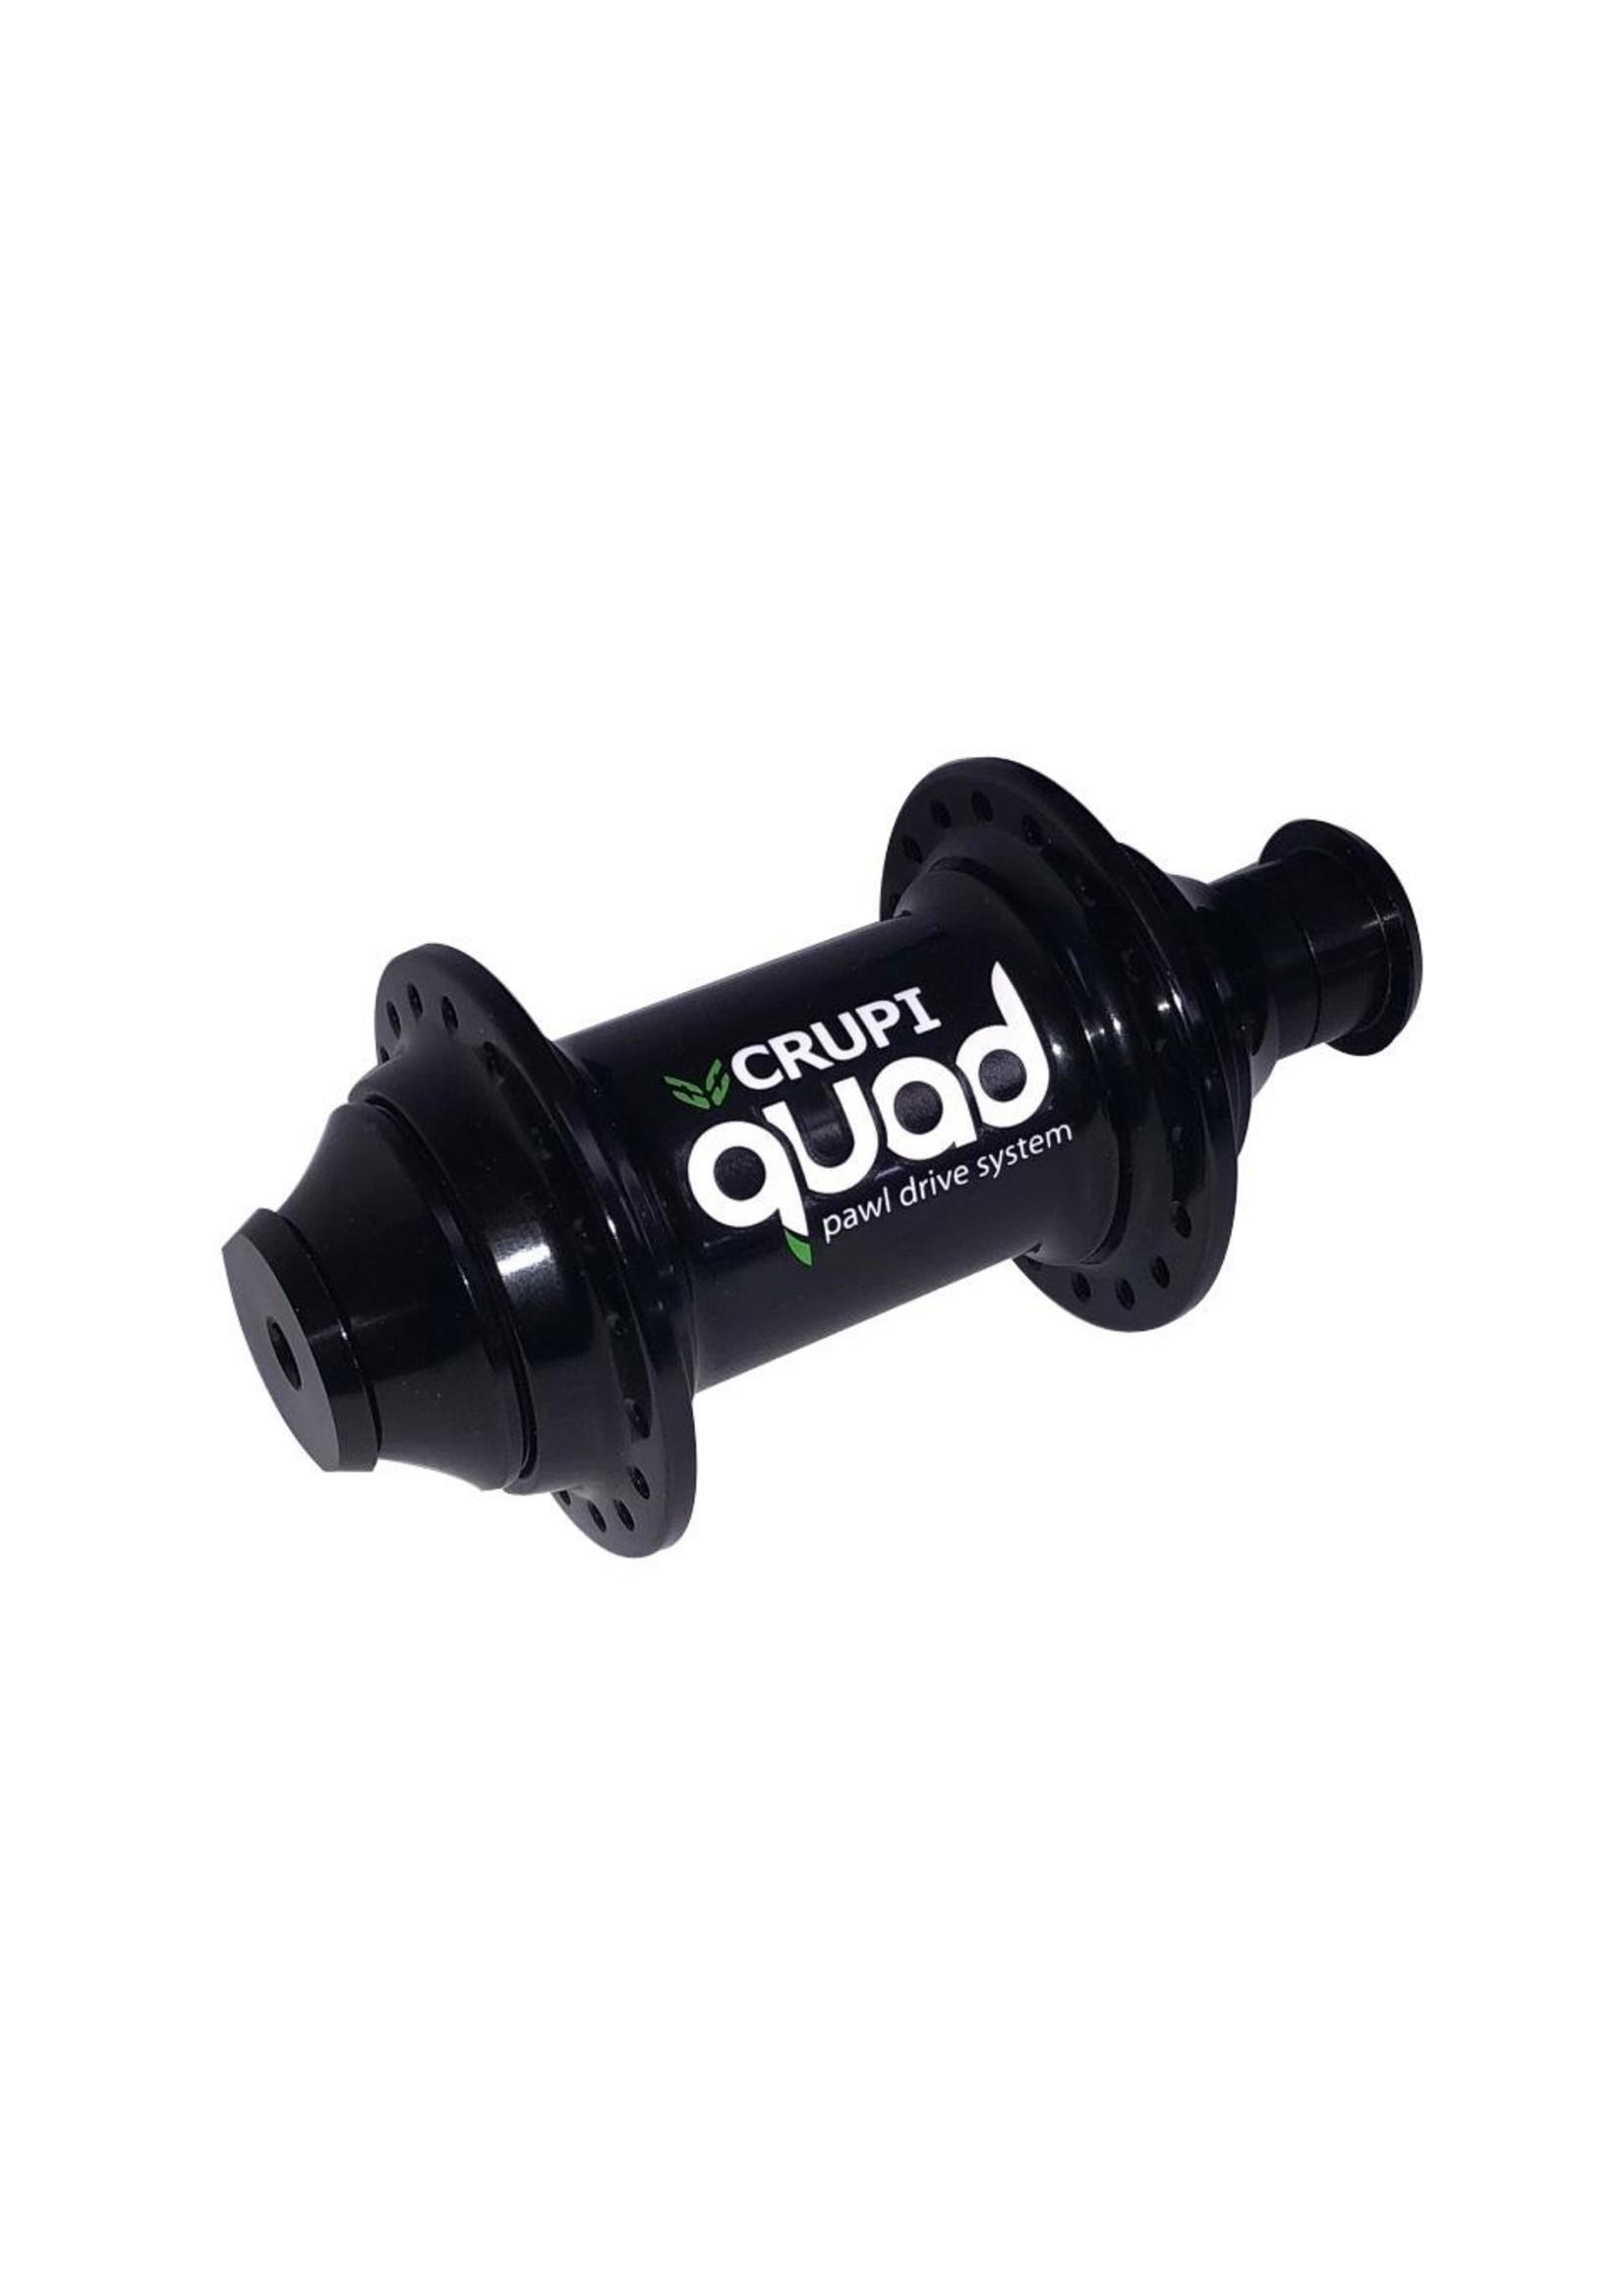 Crupi Crupi Quad Front Hub 20mm 36H